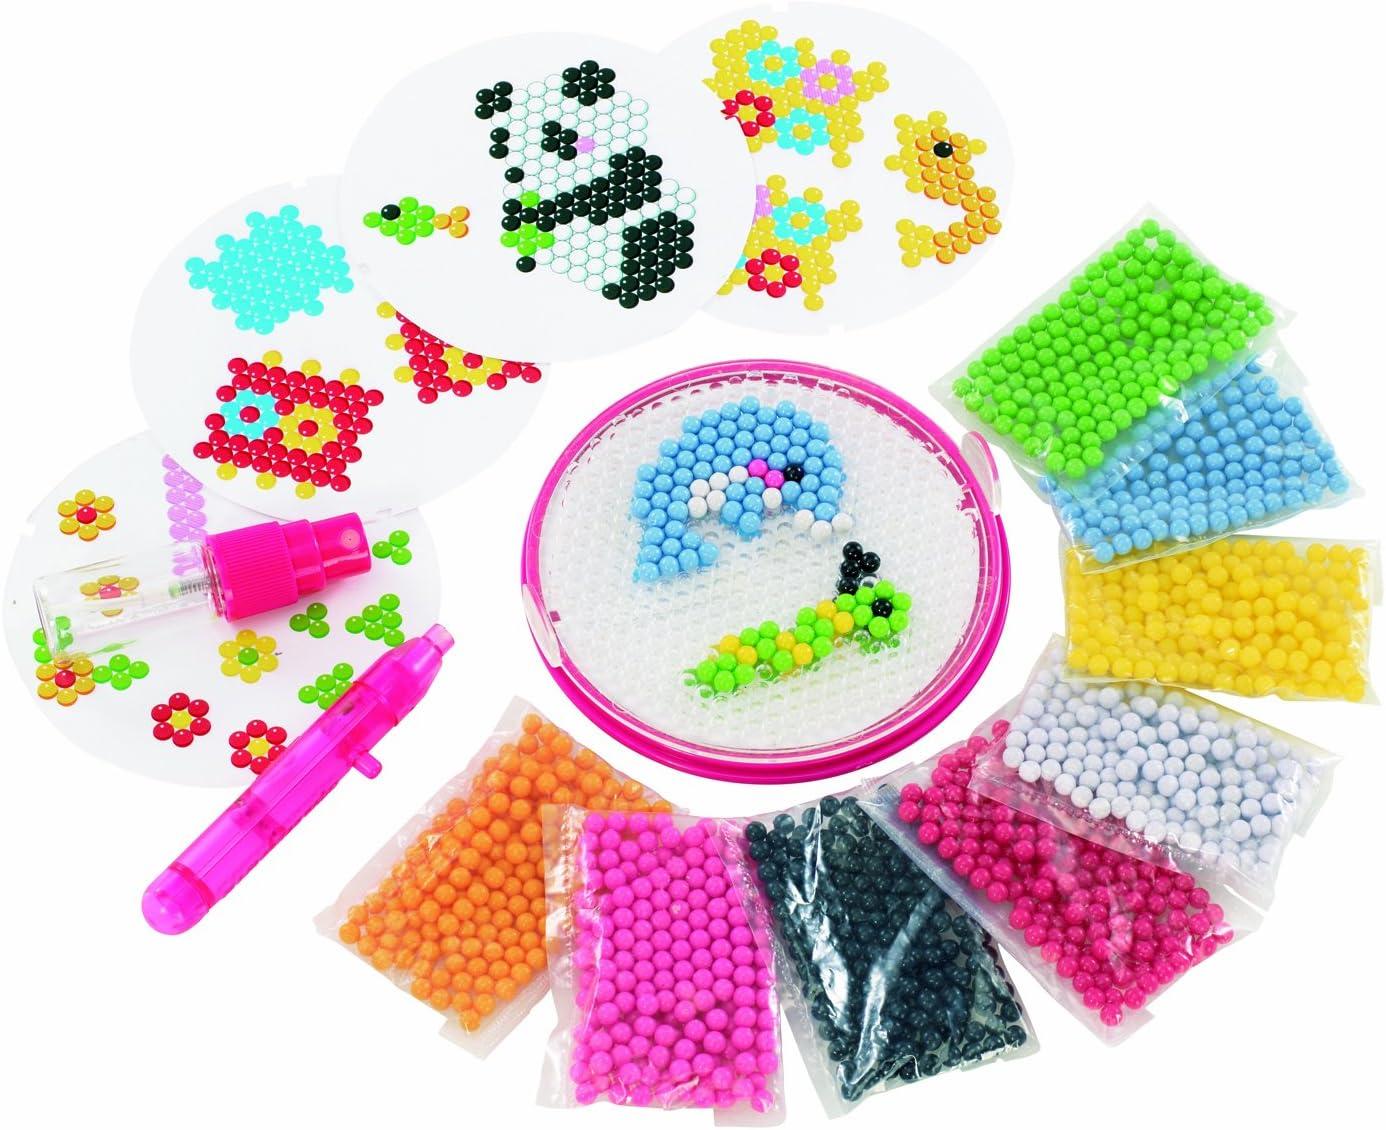 AQUA BEADS - Juego de Creatividad con Cuentas (para principantes): Amazon.es: Juguetes y juegos